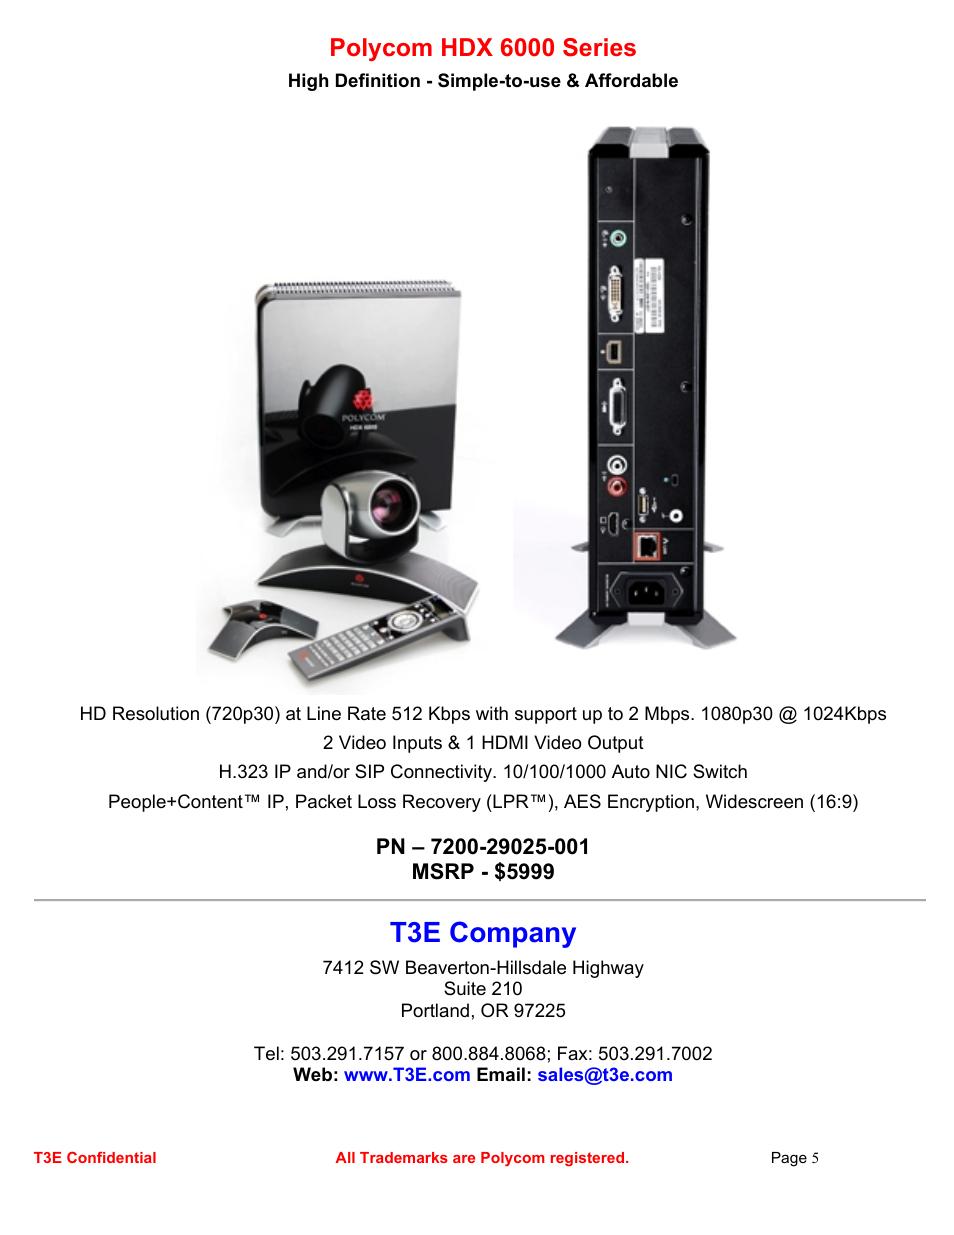 t3e company polycom hdx 6000 series polycom ultimate hd hdx 9000 rh manualsdir com polycom qdx 6000 manual español polycom qdx 6000 user manual